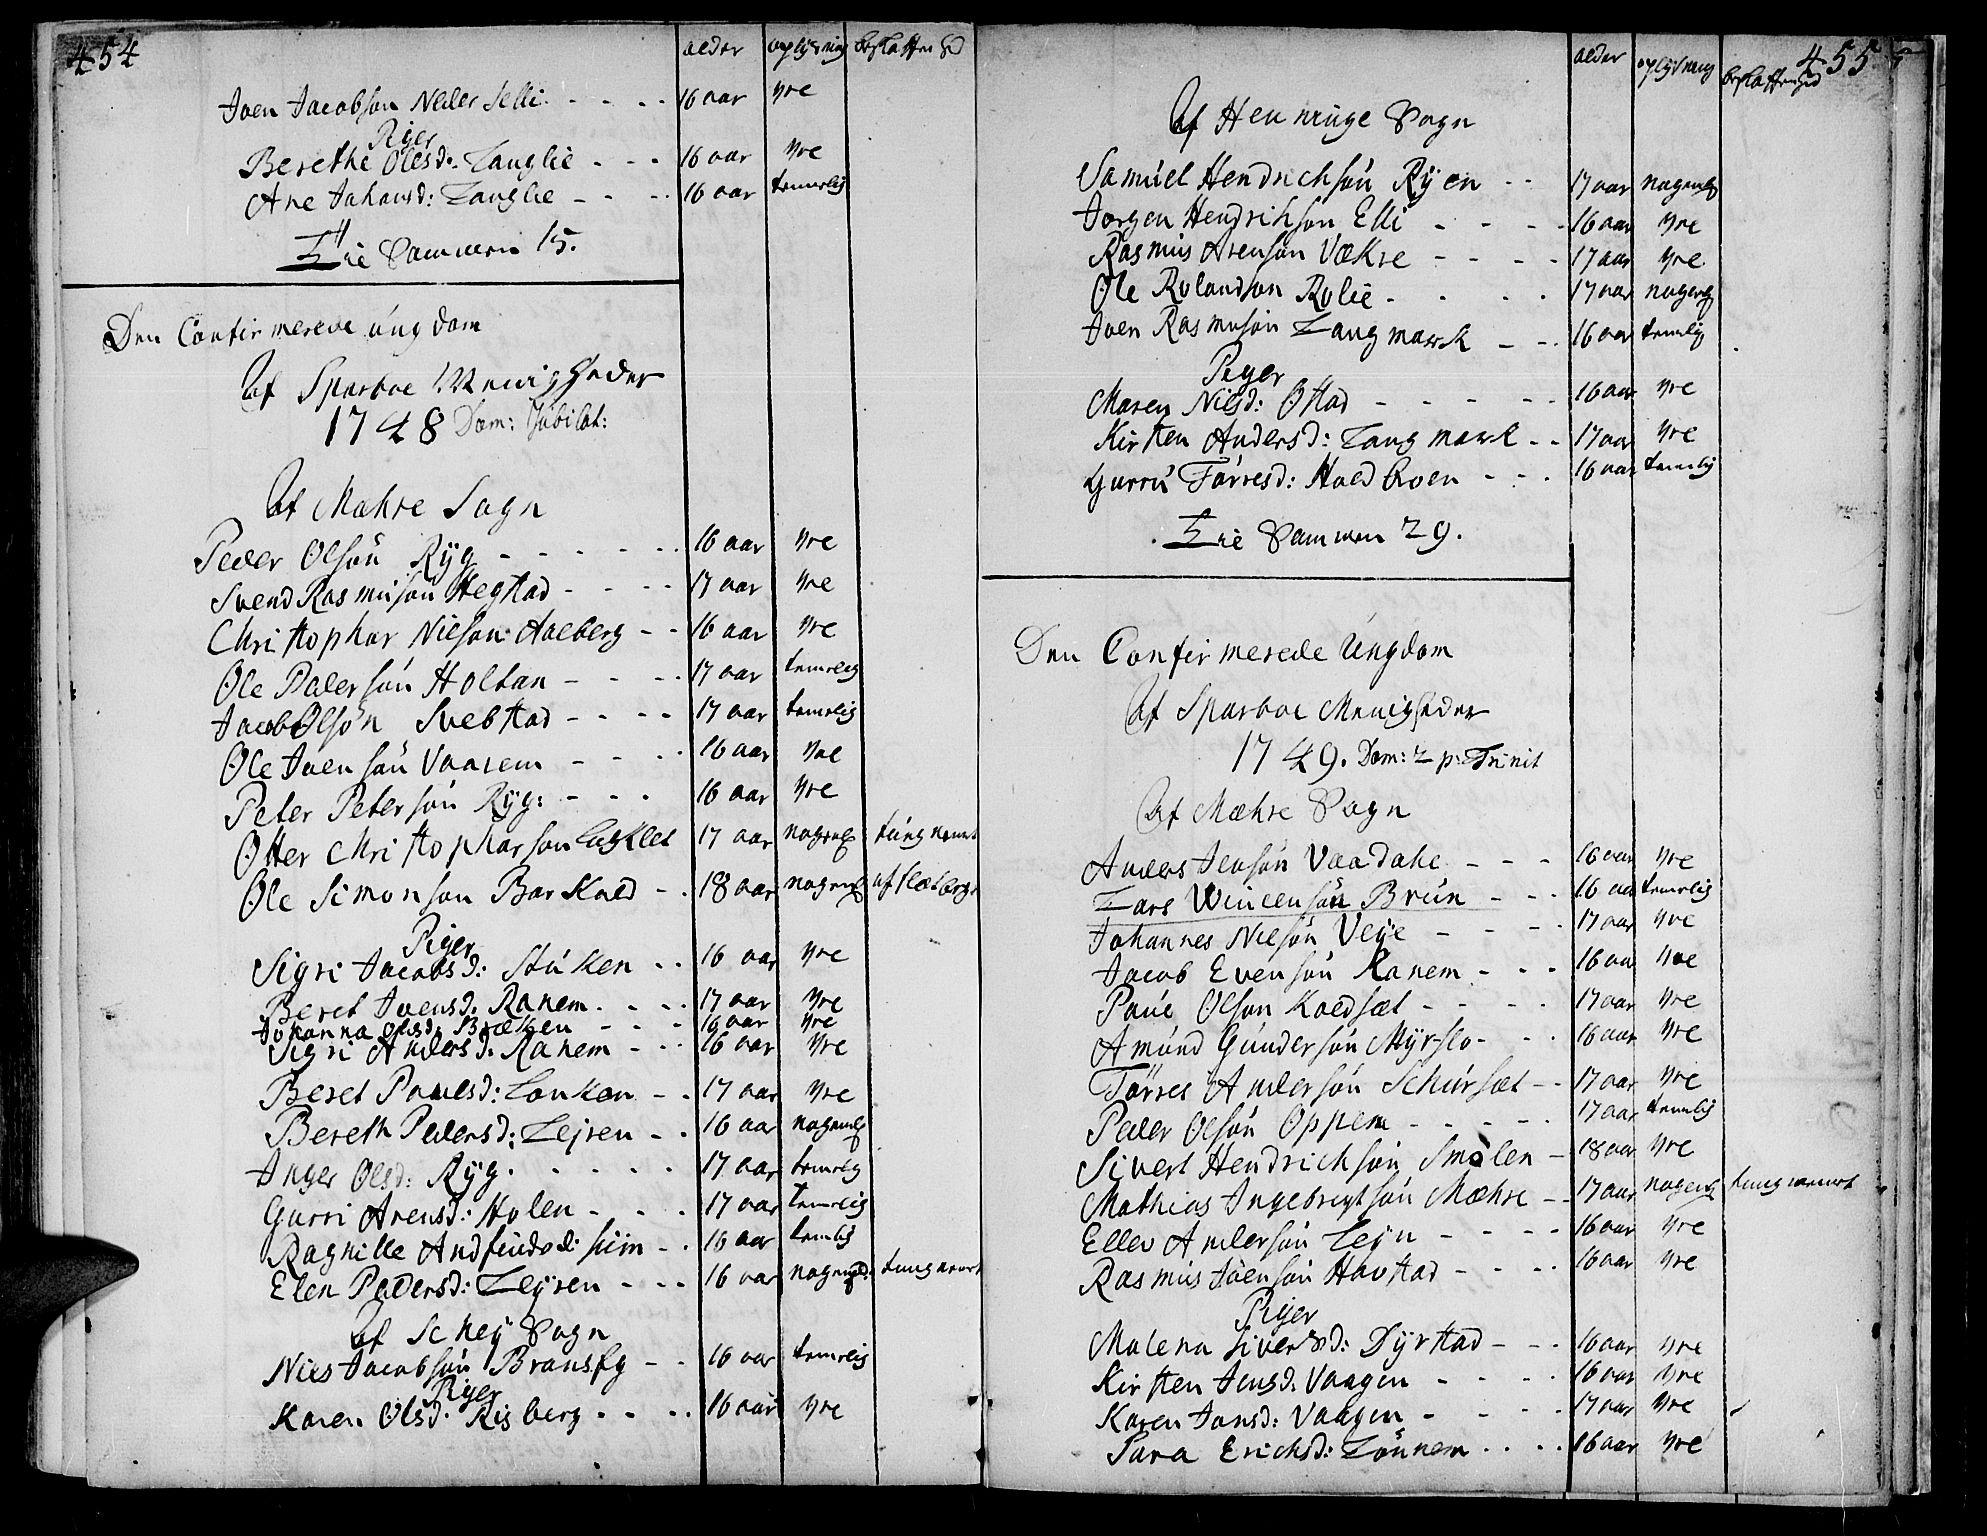 SAT, Ministerialprotokoller, klokkerbøker og fødselsregistre - Nord-Trøndelag, 735/L0330: Ministerialbok nr. 735A01, 1740-1766, s. 454-455